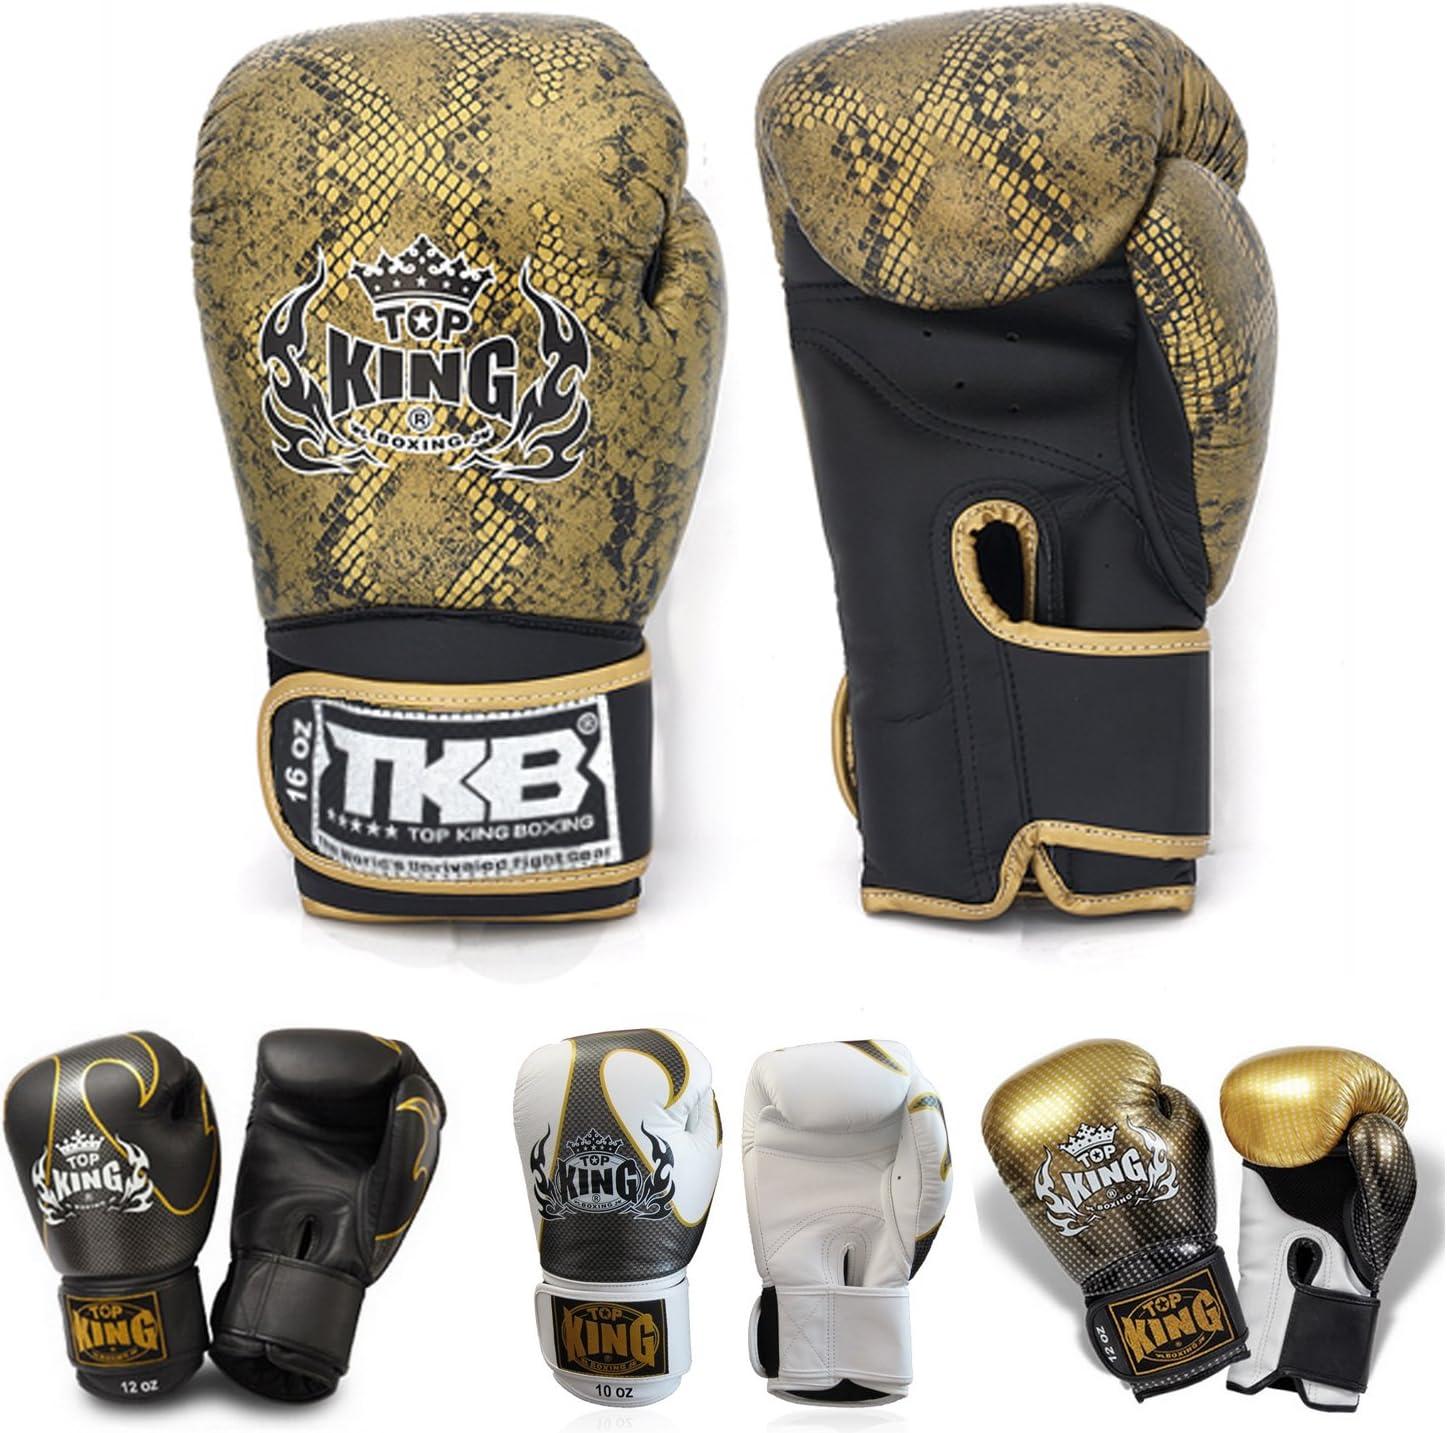 (トップキング) Top Kingボクシンググローブ トレーニングやスパーリング ムエタイ ボクシング キックボクシング MMAなどに カラー ブラック ホワイト レッド ブルー ゴールド サイズ 8 10 12 14 16オンス デザイン Air Empower Superstarなどなど Snake - 黒/ゴールド 16 oz